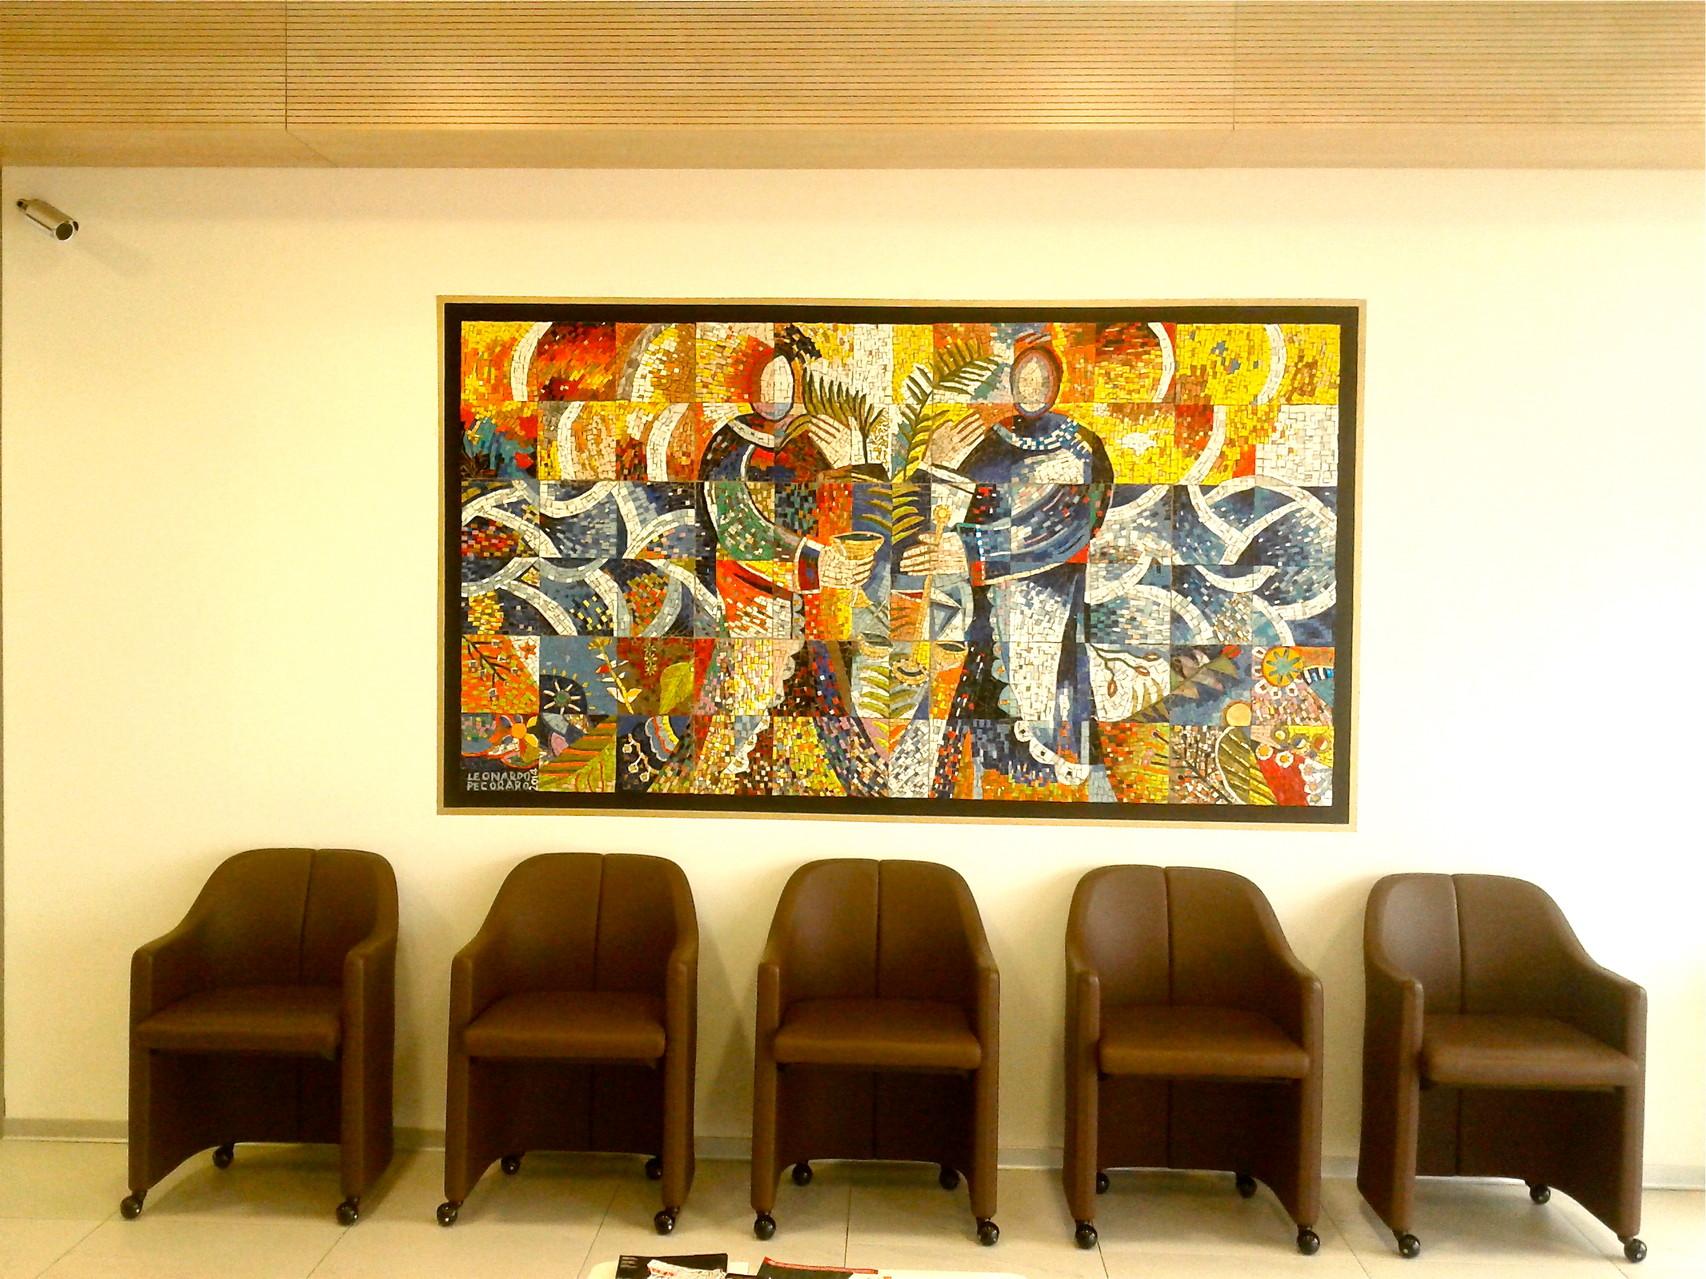 Santi Cosimo e Damiano, 2014, mosaico in vetri e marmi, 235 x 139 cm (IBSA Italia, Lodi, Italia)